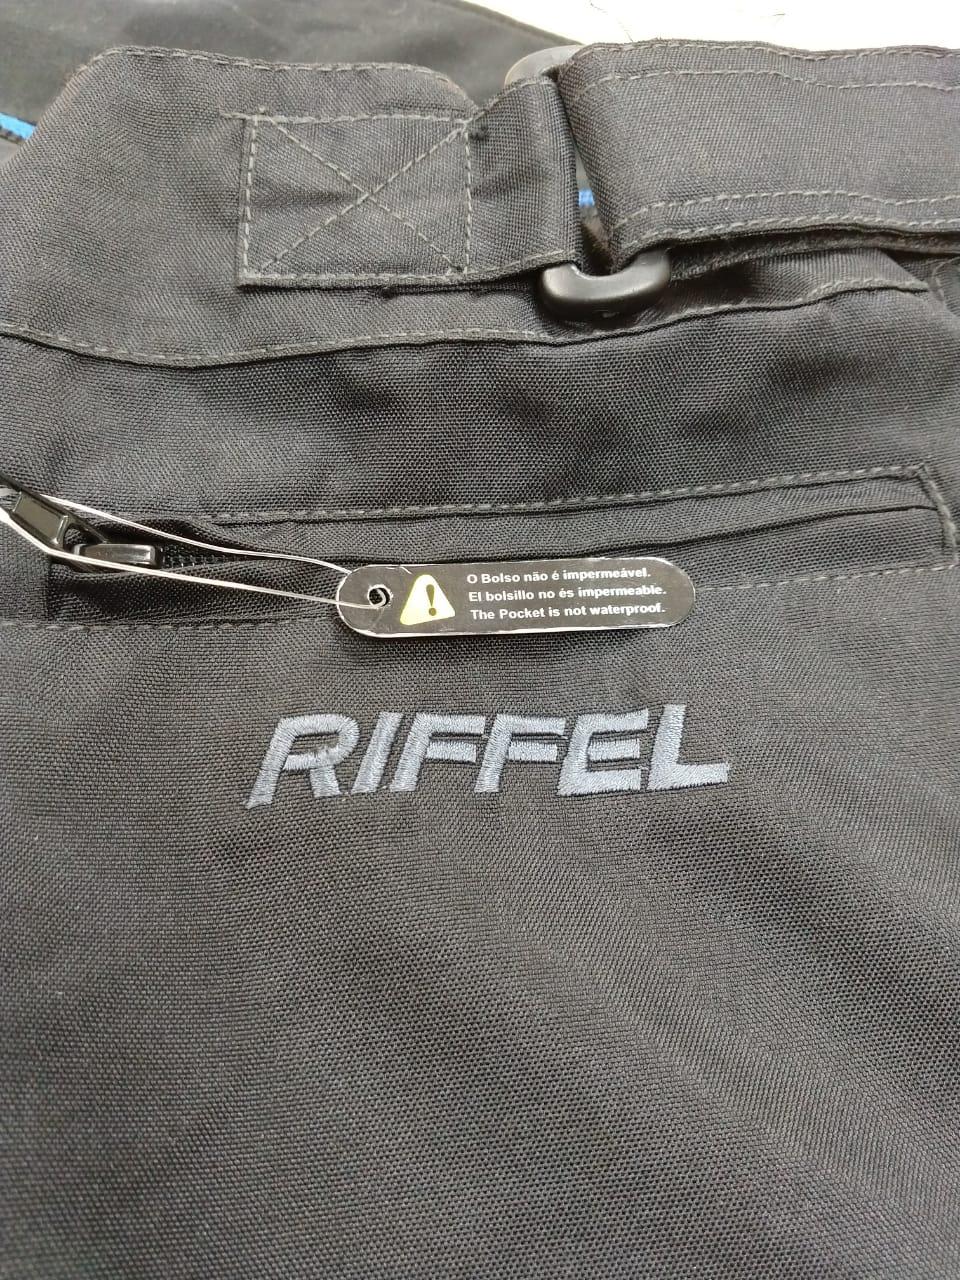 Calça Masculina de Proteção em Cordura - Riffel - Tam XXG - 025/05600